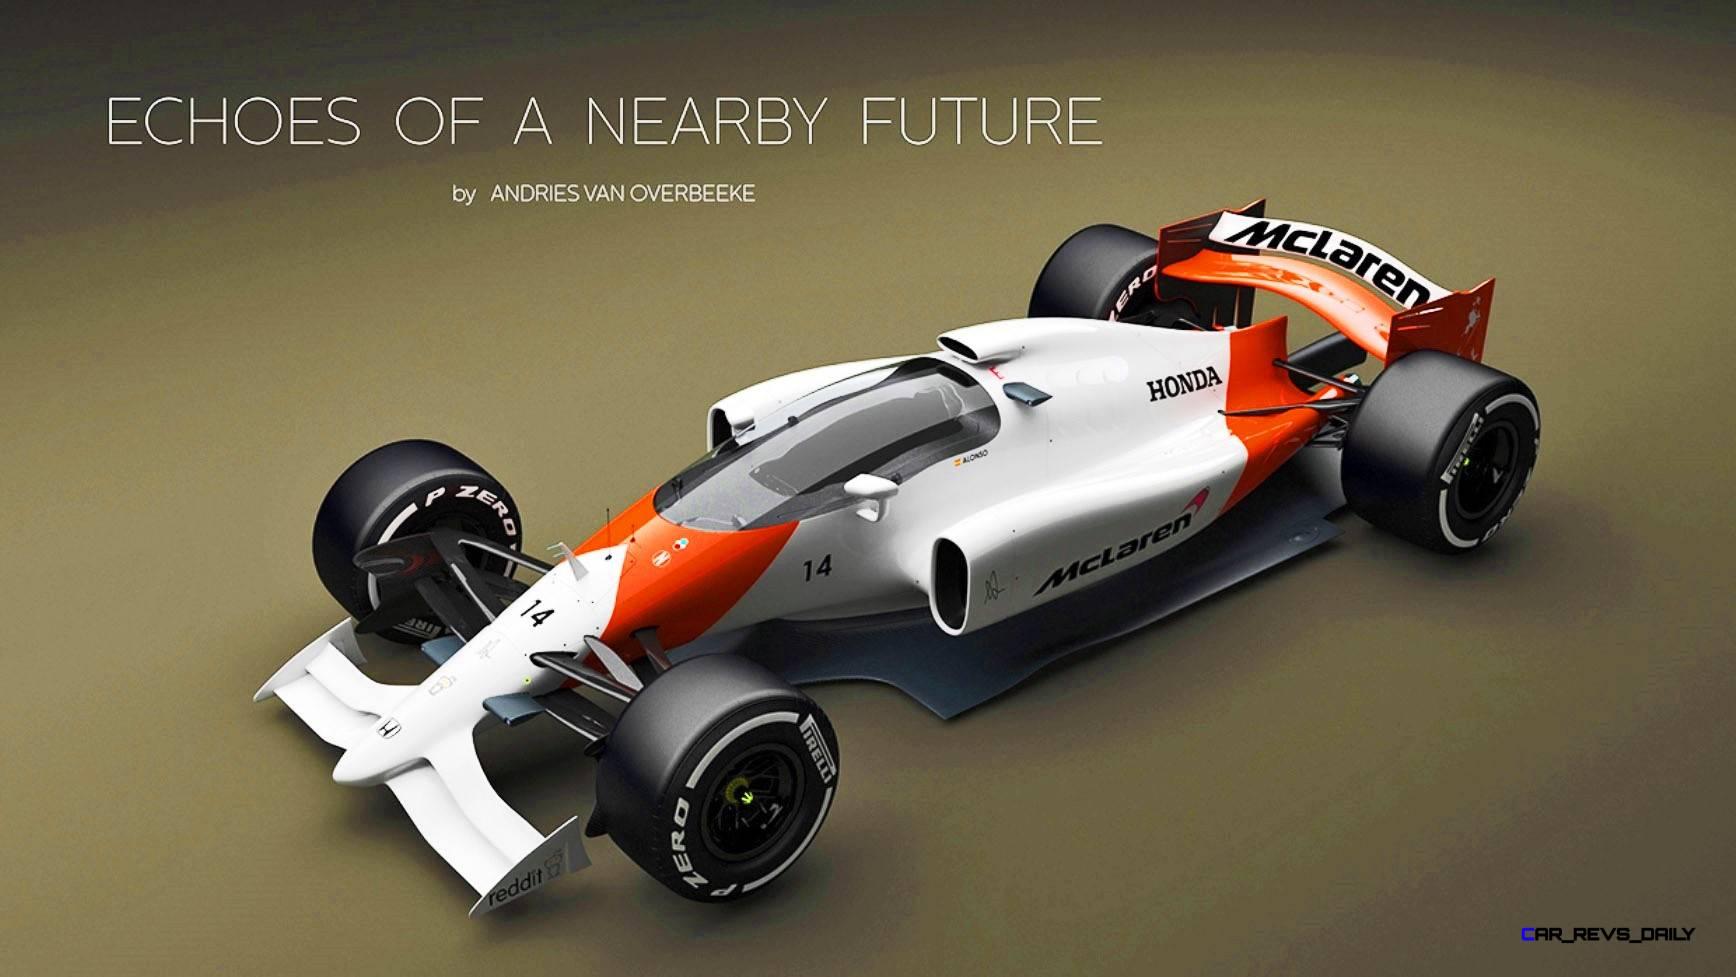 2019 Mclaren Honda F1 Car Renderings